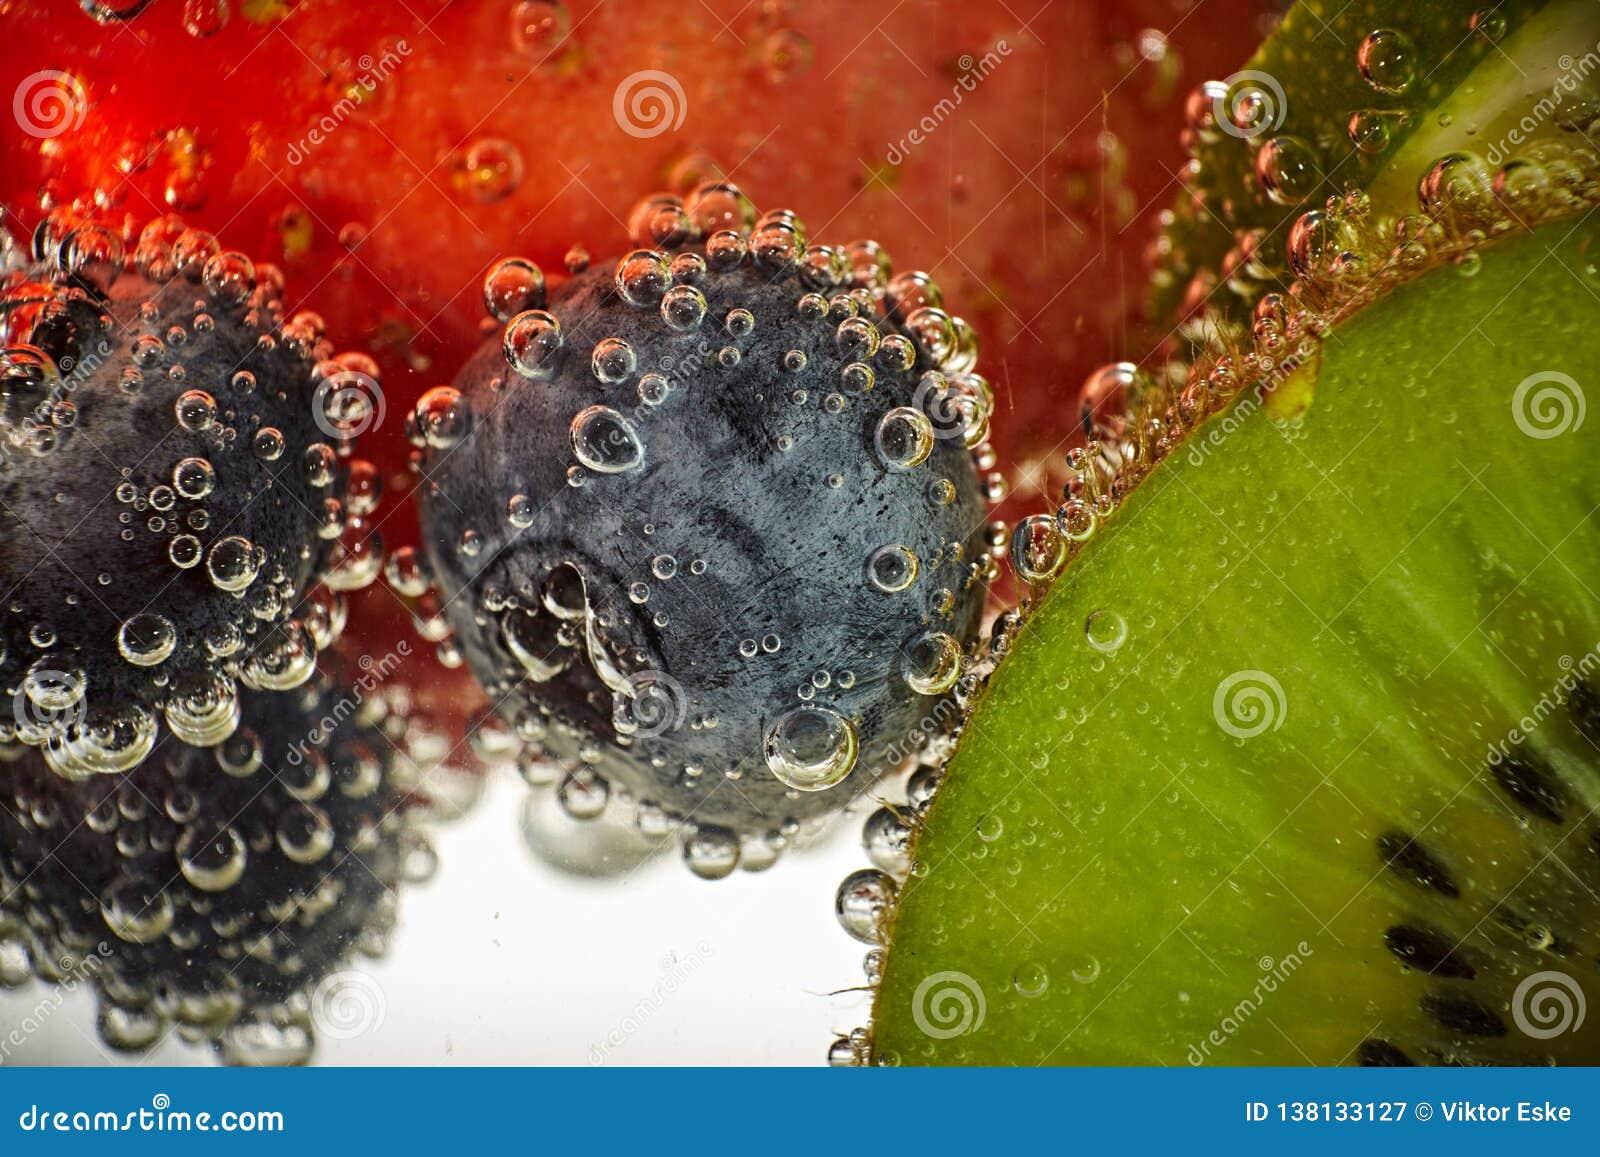 Nya frukter simmar i vattnet